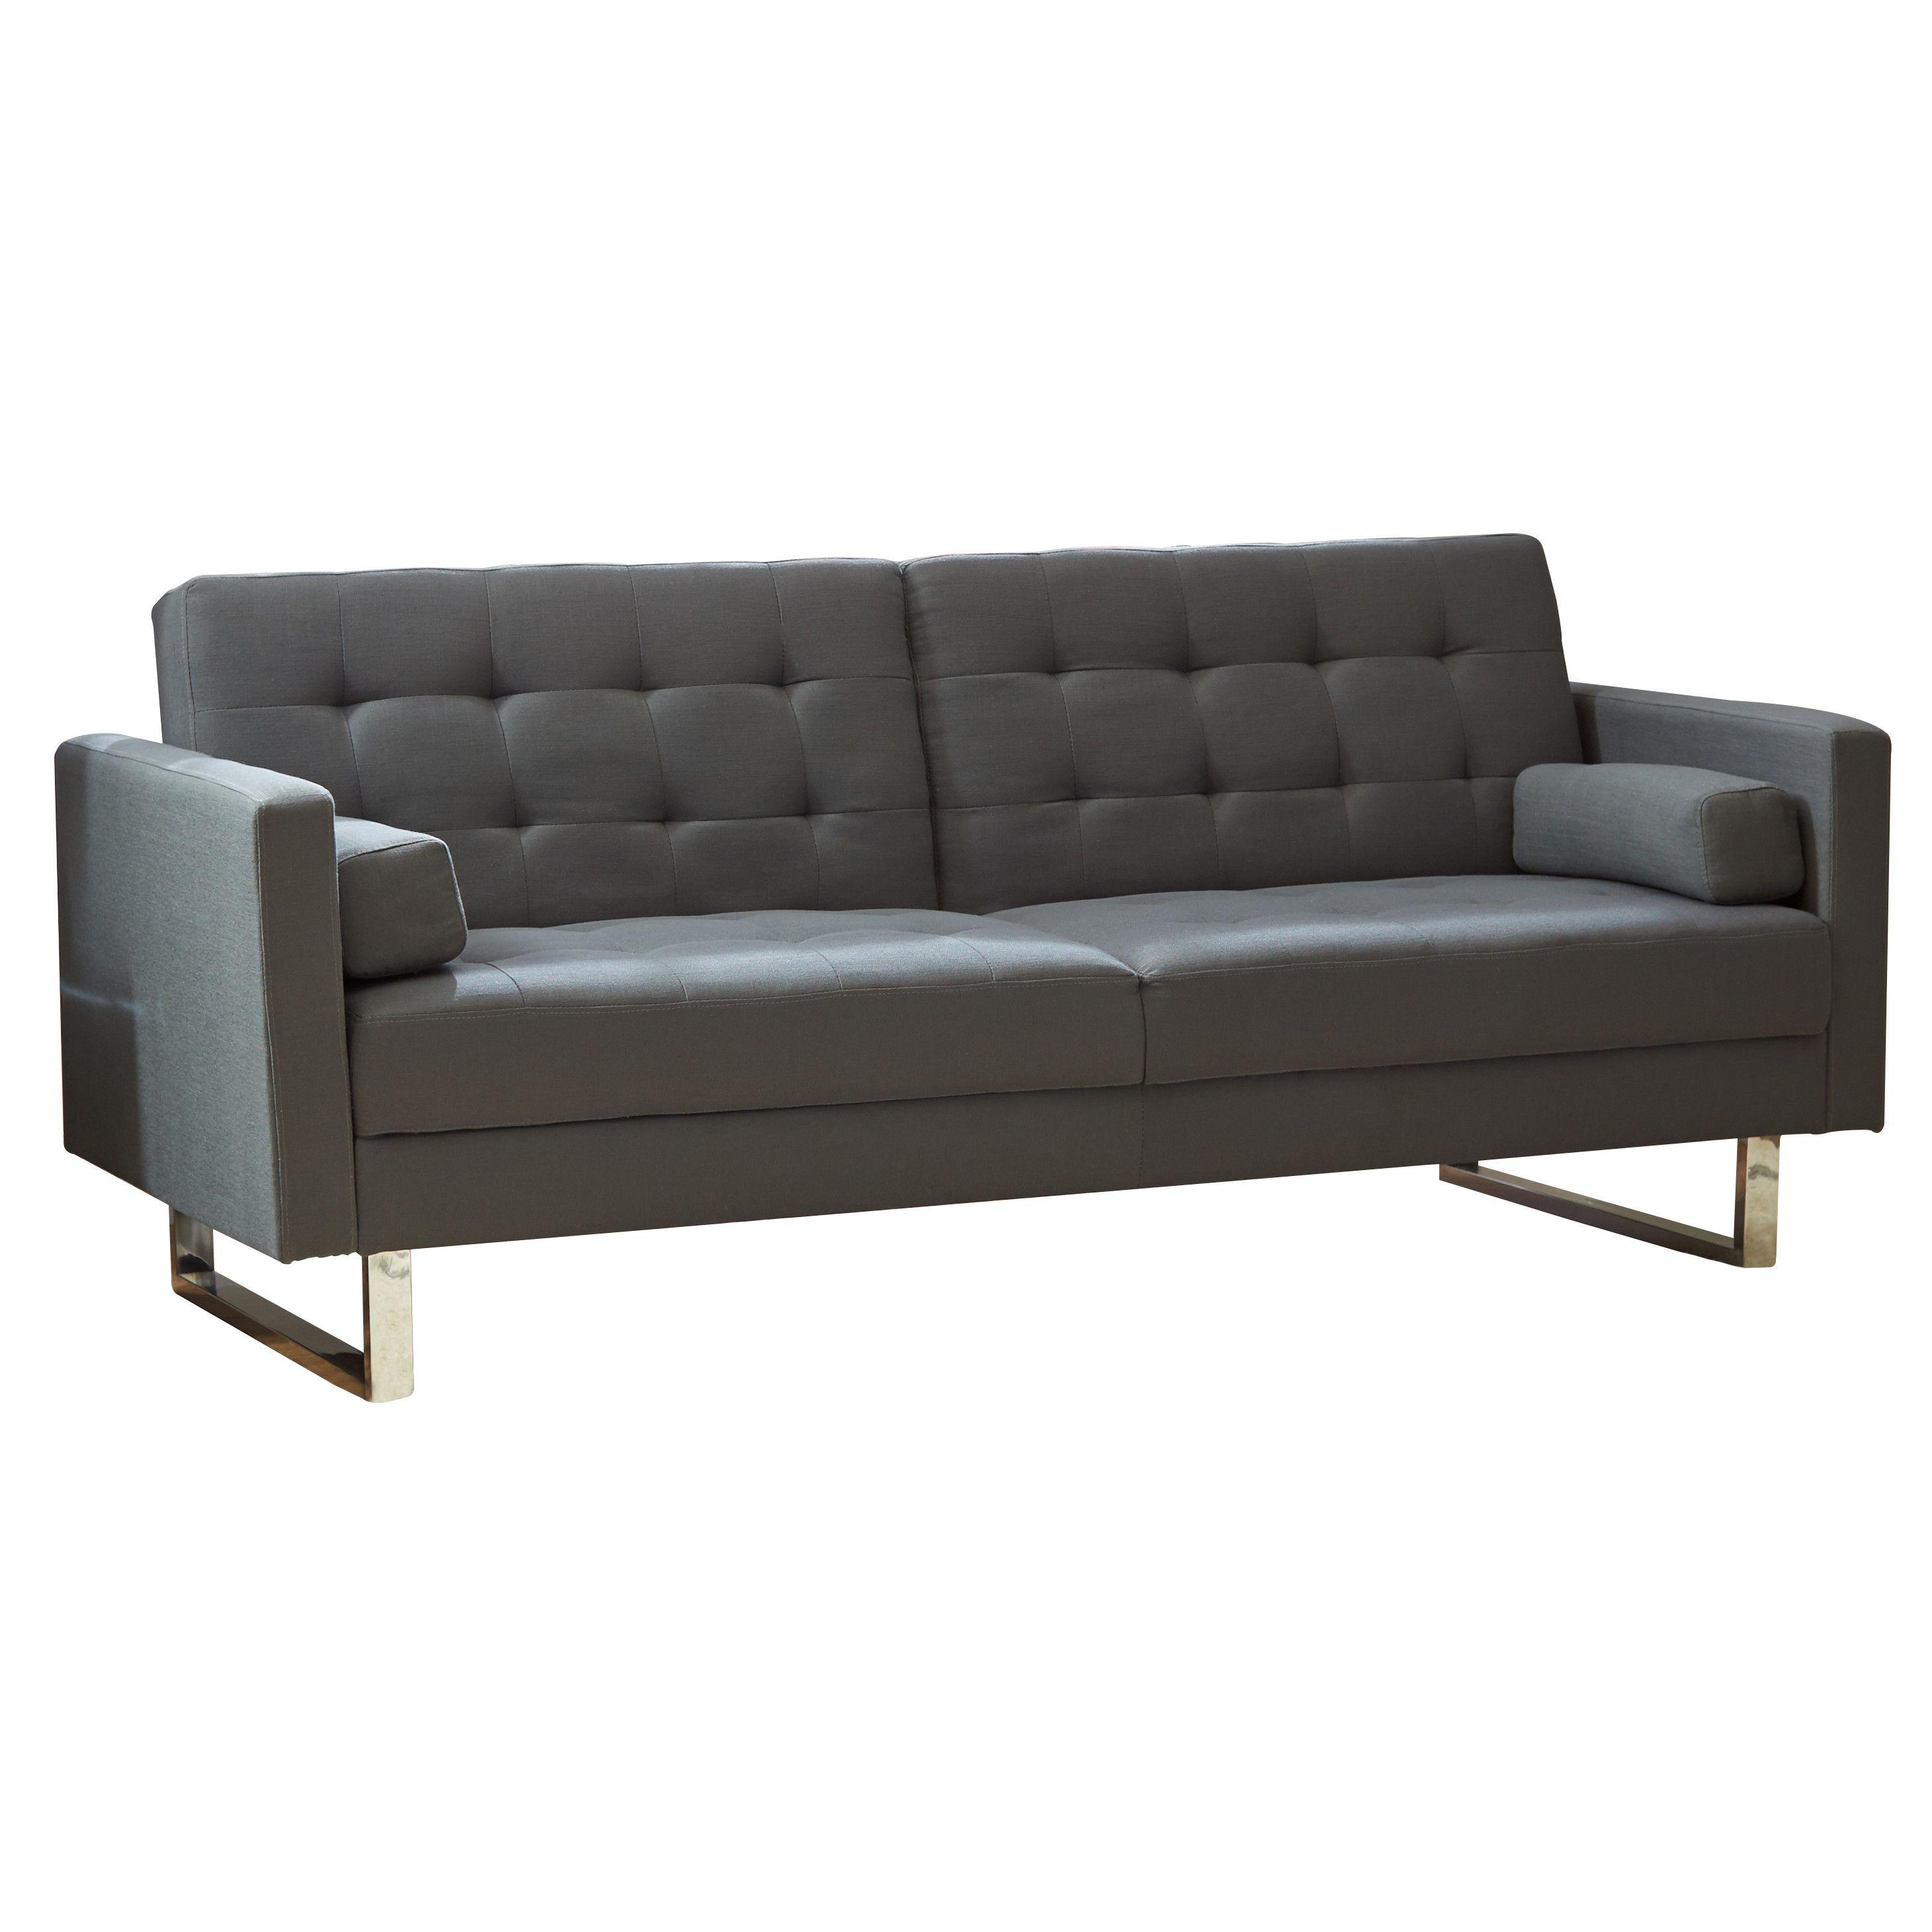 Lysander Sleeper Sleeper sofa, Sofa price, Sofa